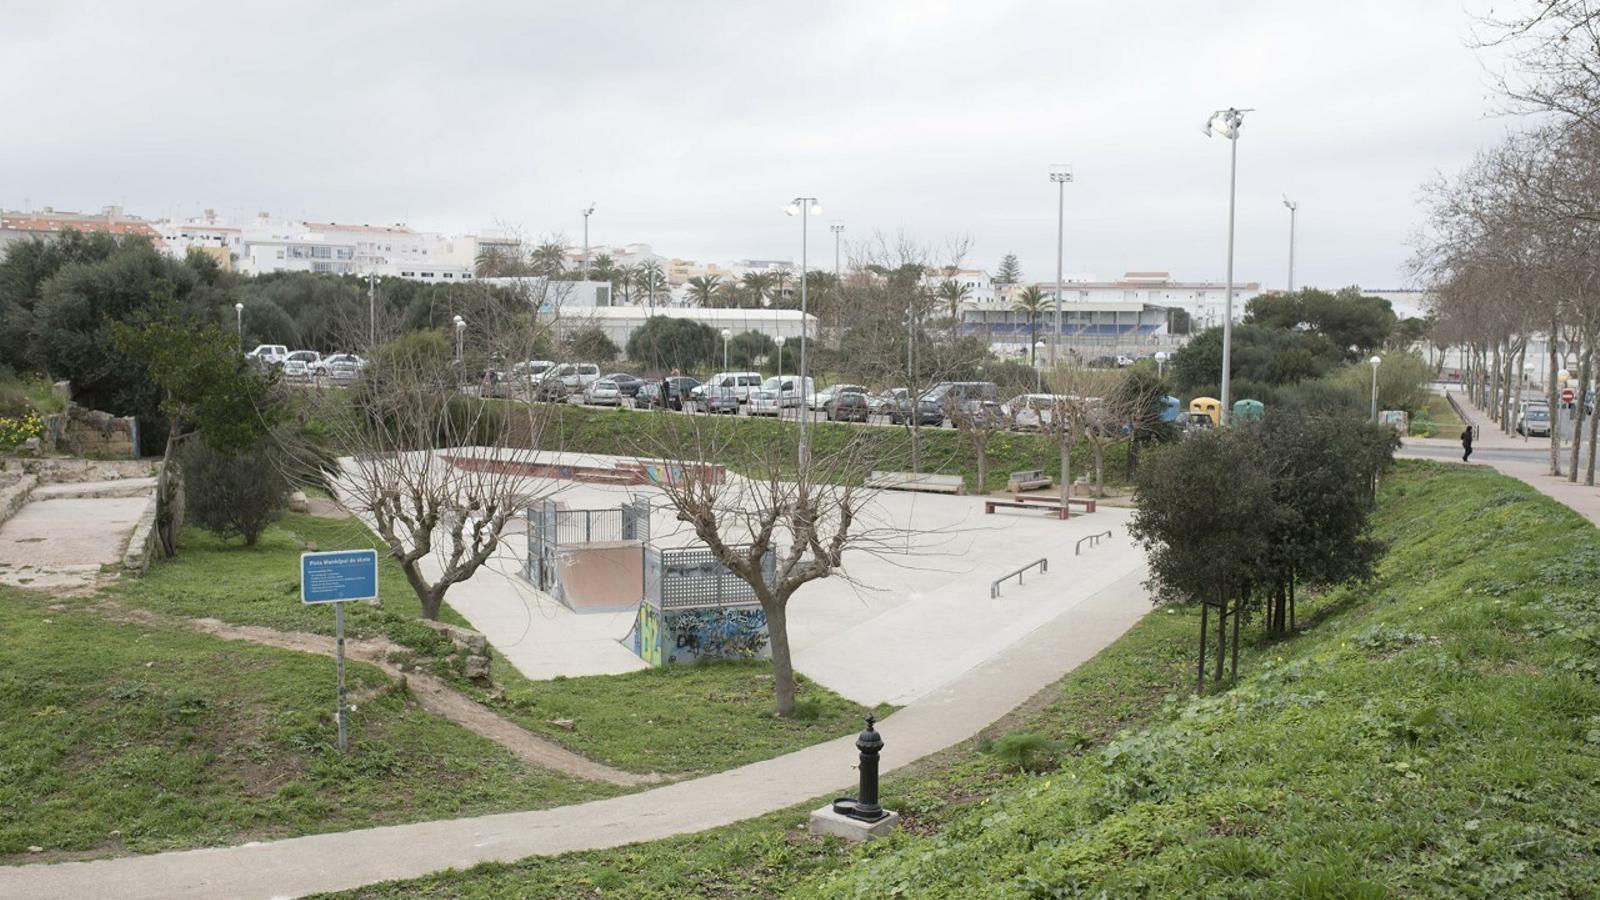 El Skate Park de Maó és un dels llocs on els detinguts es reunien amb les menors que explotaven sexualment a canvi de diners i drogues